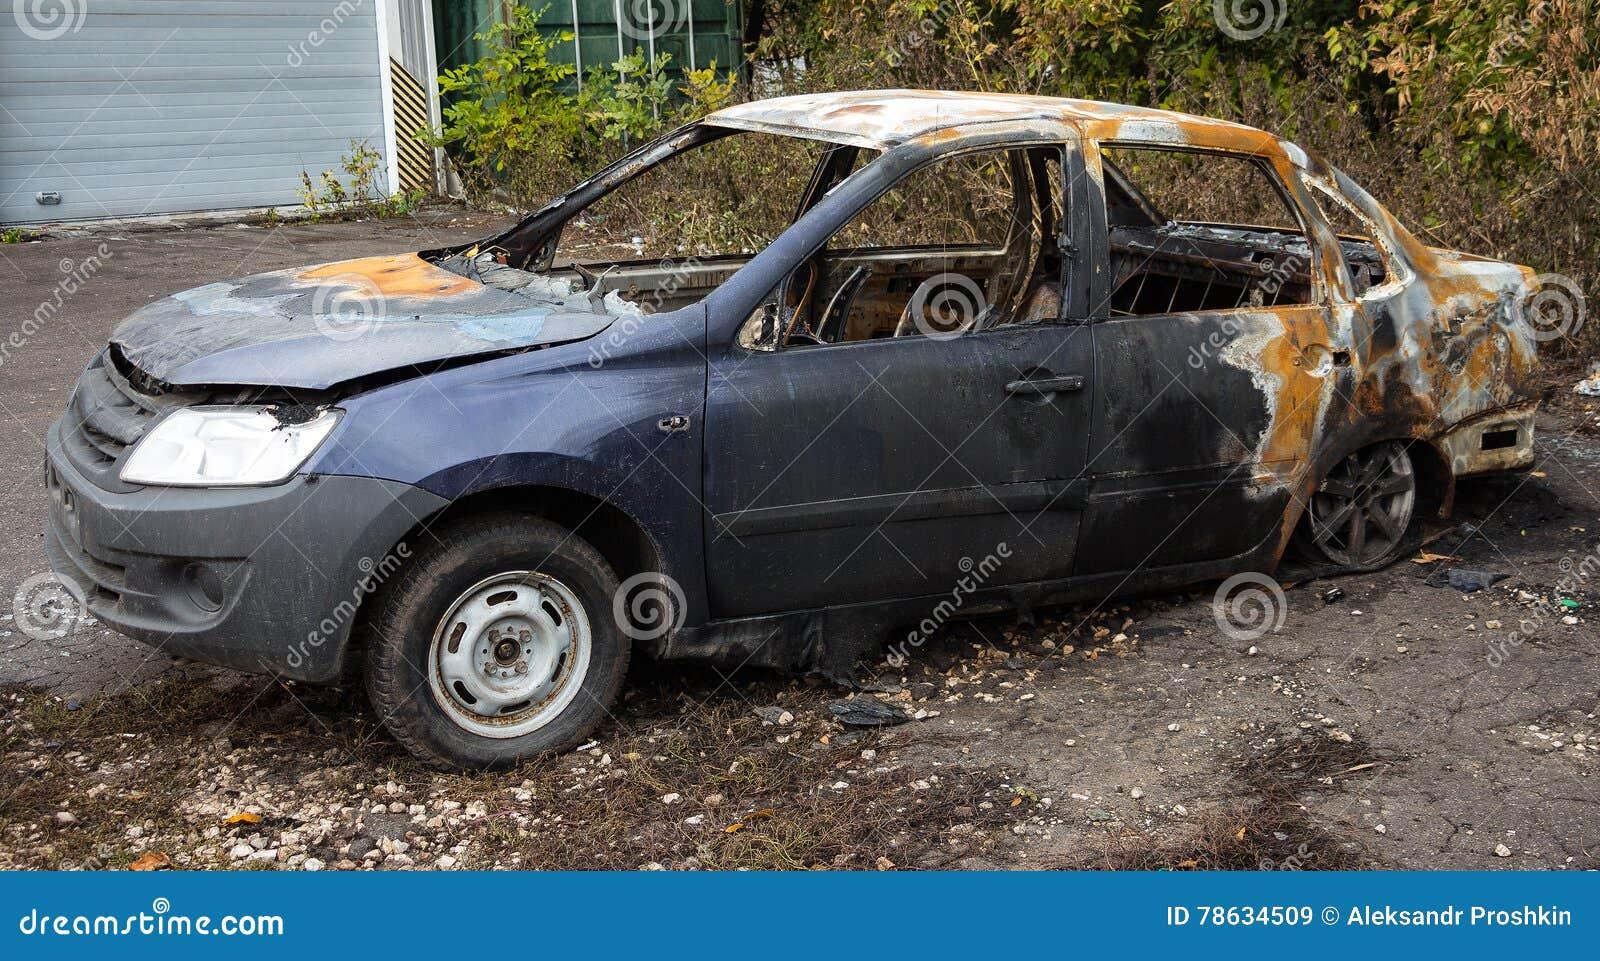 Abandoned Burnt Car 2